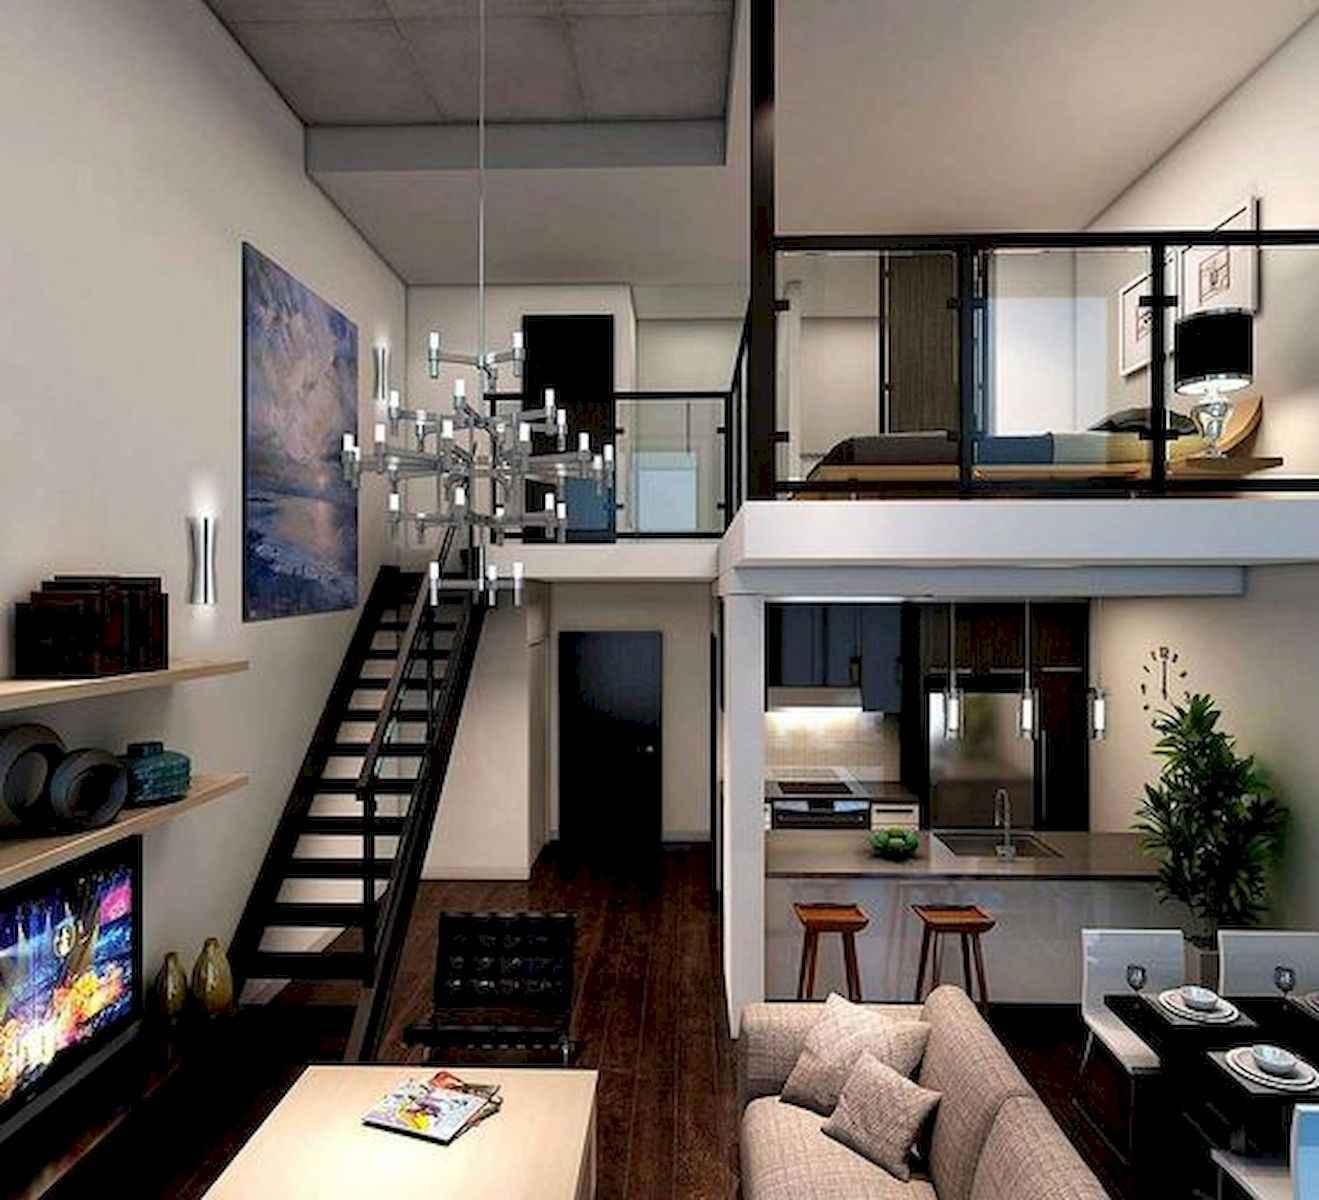 Cool Studio Apartment Ideas: 40 Rustic Studio Apartment Decor Ideas (32)